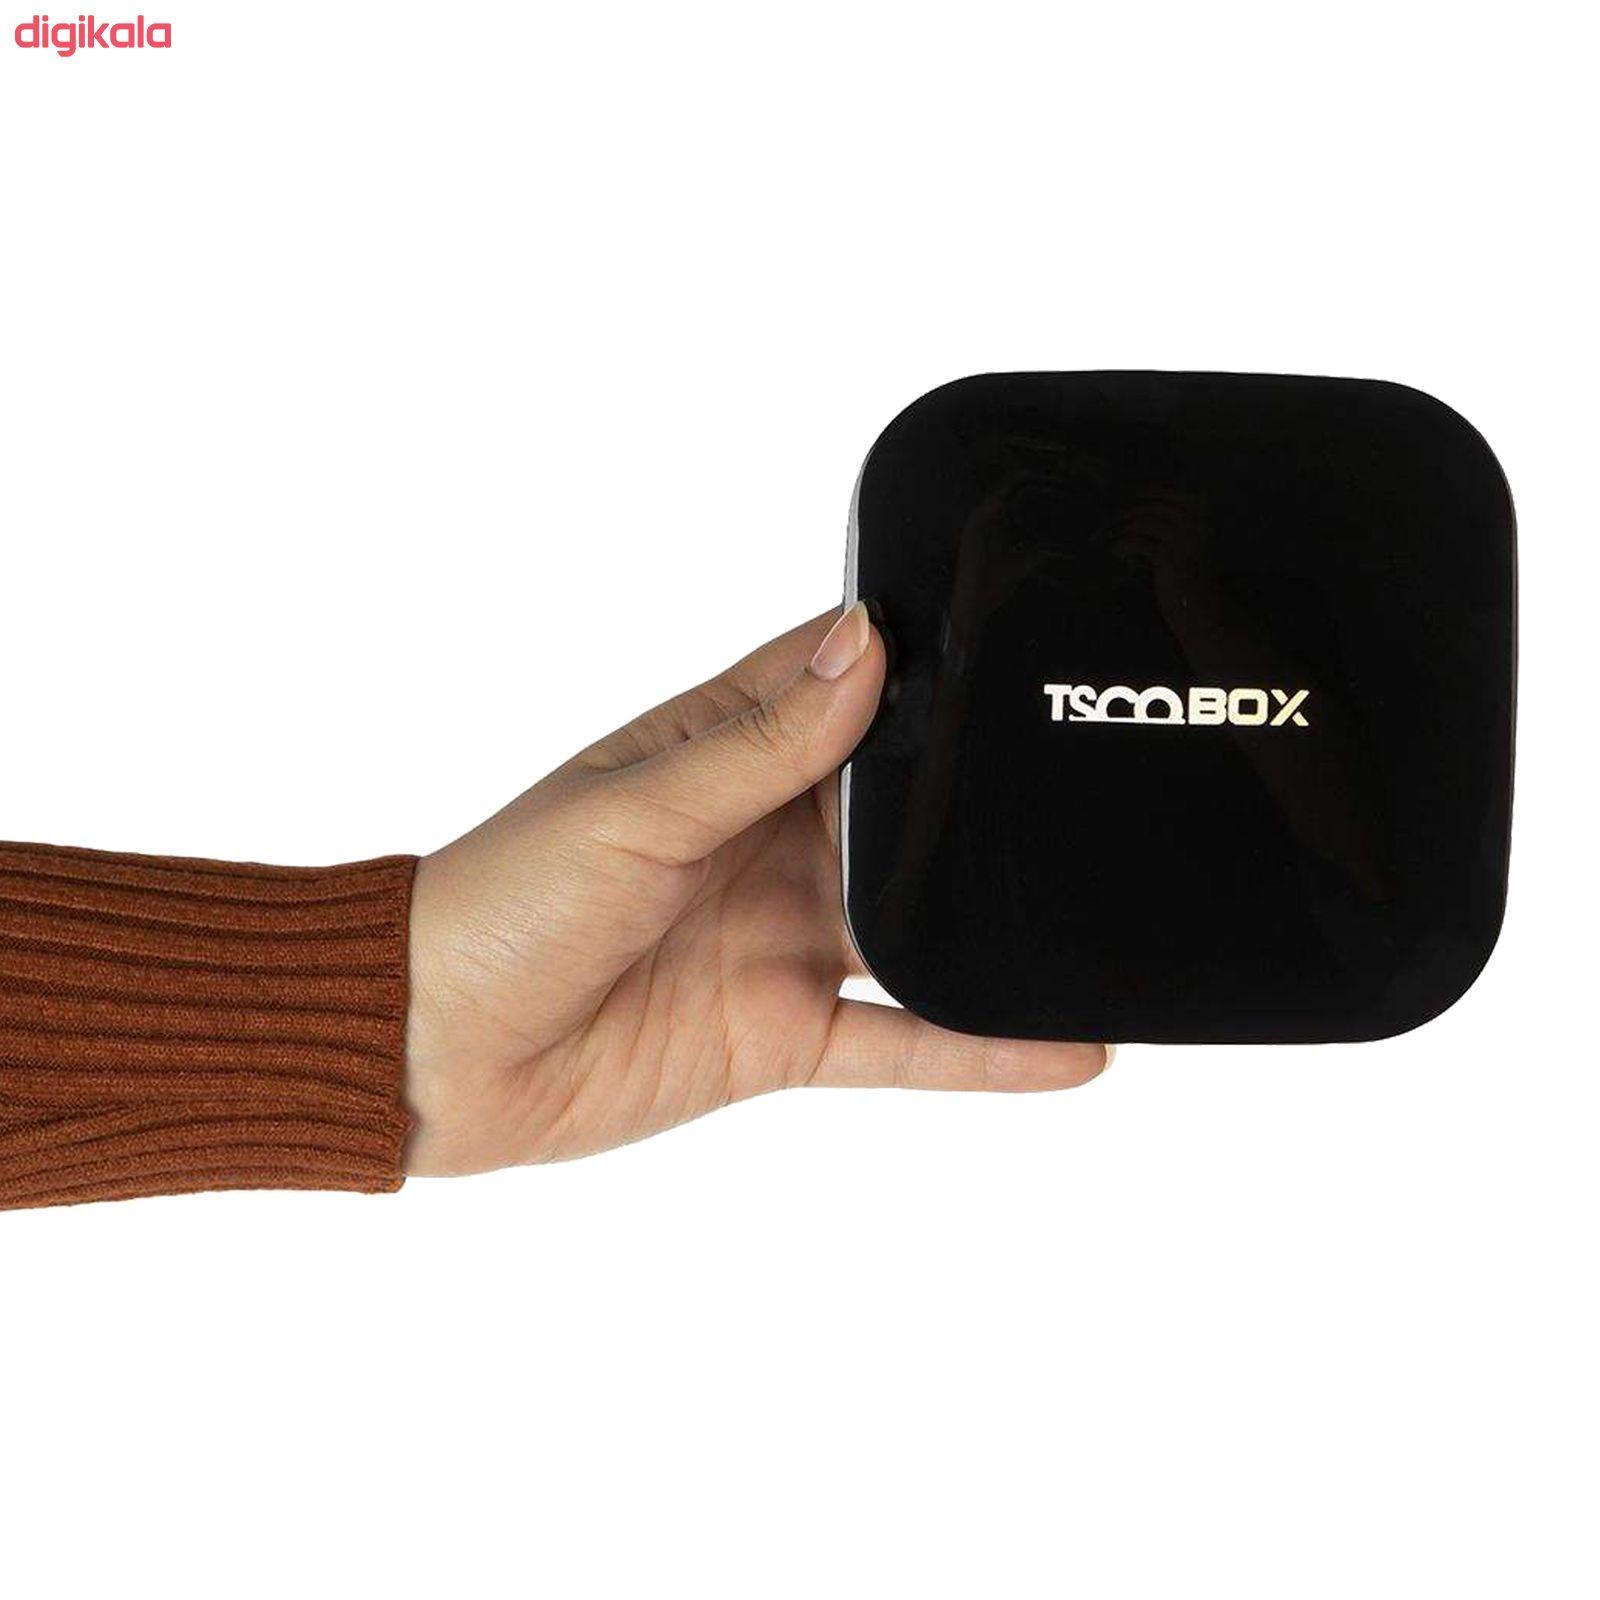 اندروید باکس تسکو مدل Tab 100 Plus به همراه ماوس بی سیم main 1 8